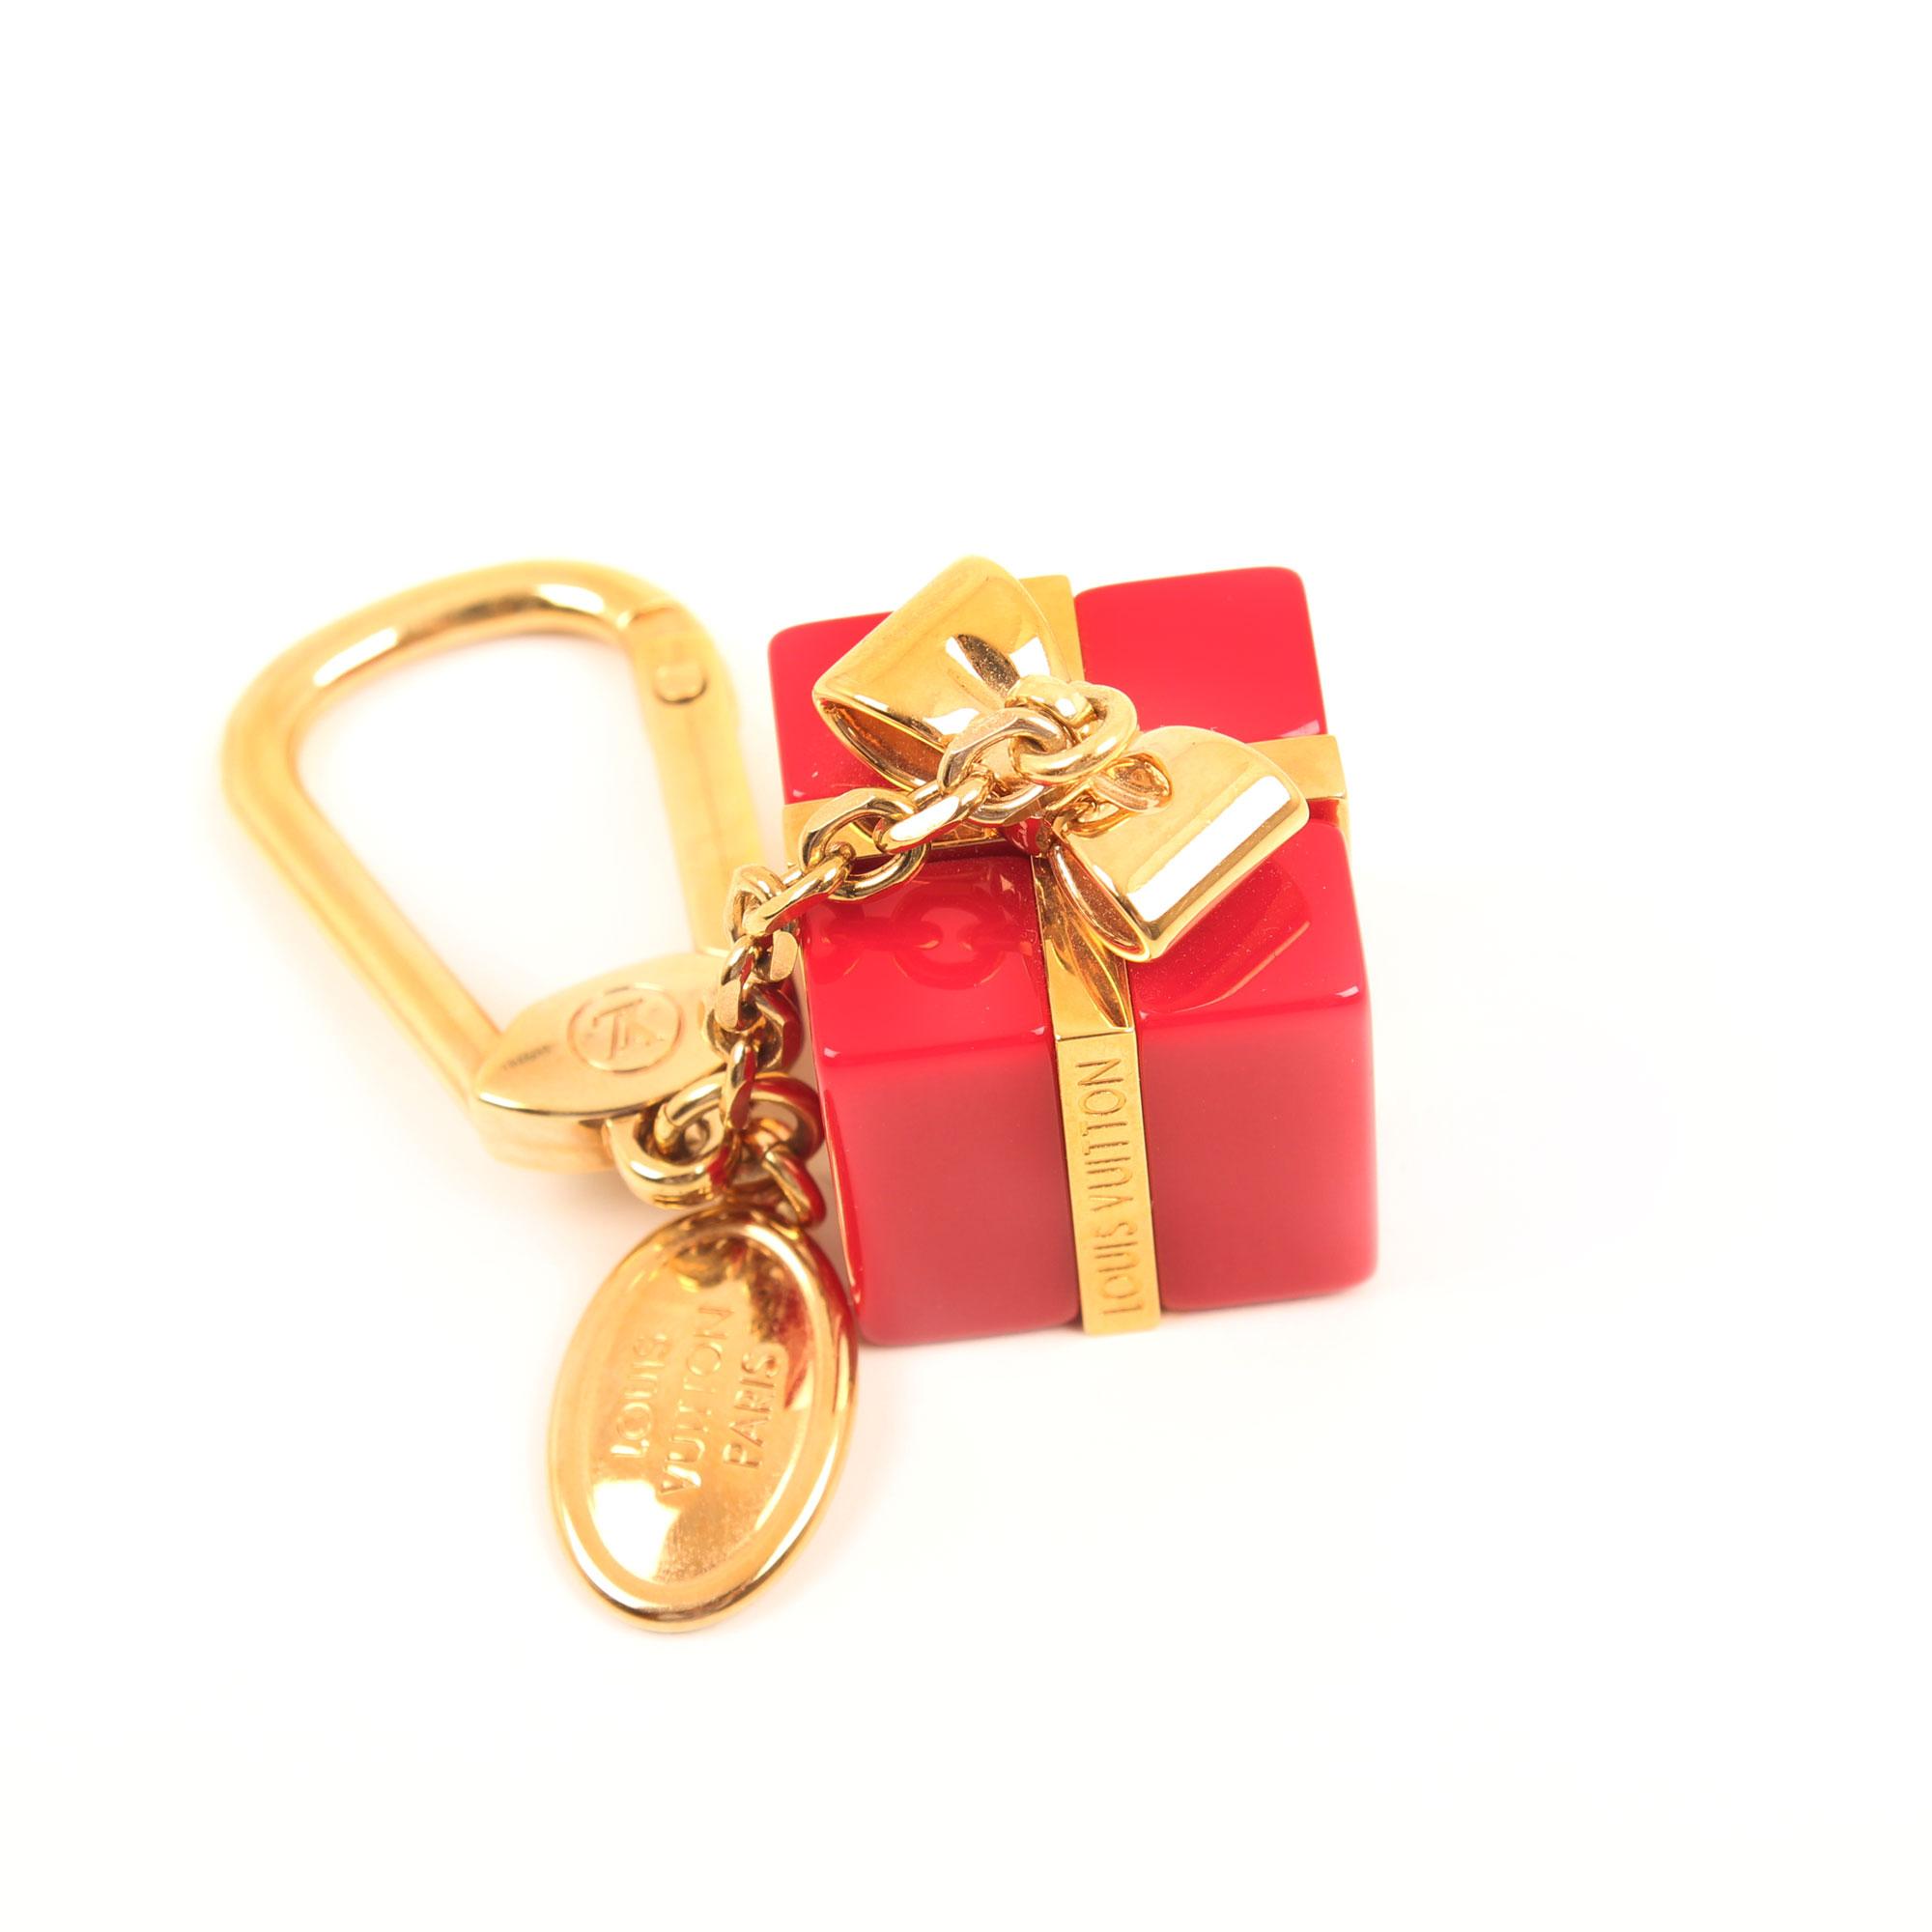 Imagen general del charm bolso louis vuitton dorado y rojo